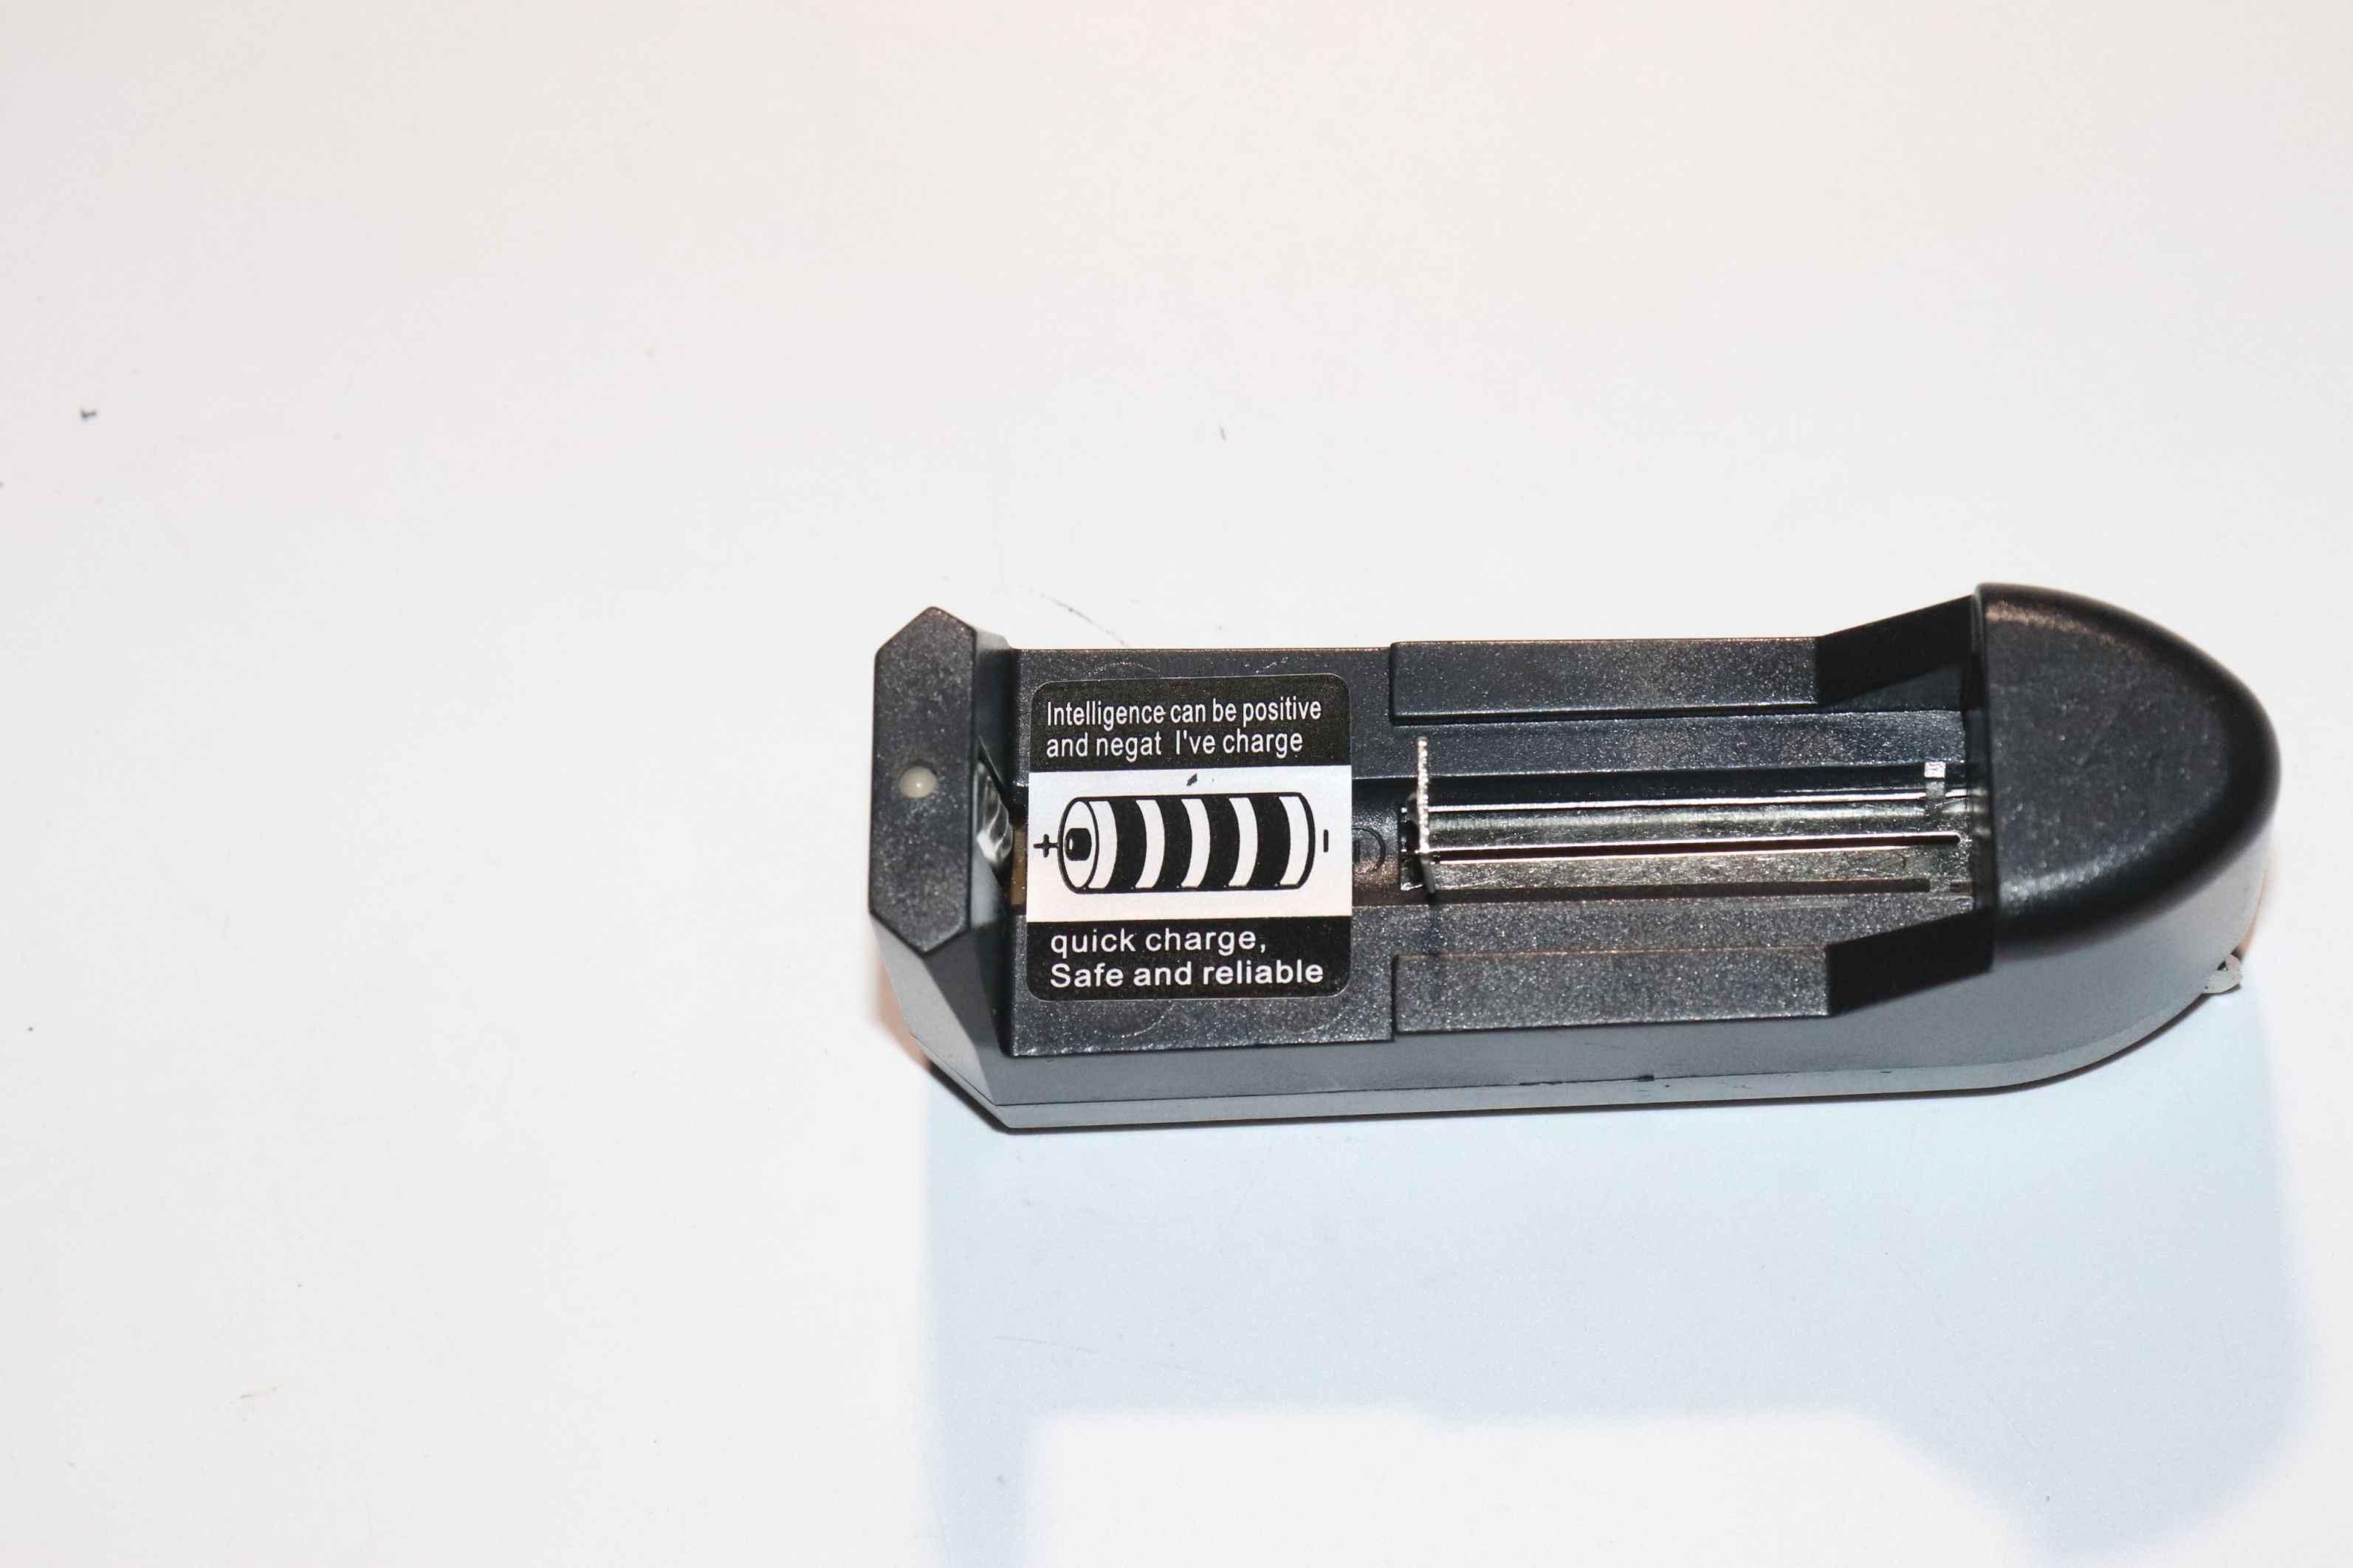 متعددة الوظائف شاحن ليثيوم أيون ليثيوم بطارية واحدة تلم بطارية ليثيوم أيون 18650 ، 14500 ، 16340 و 26650